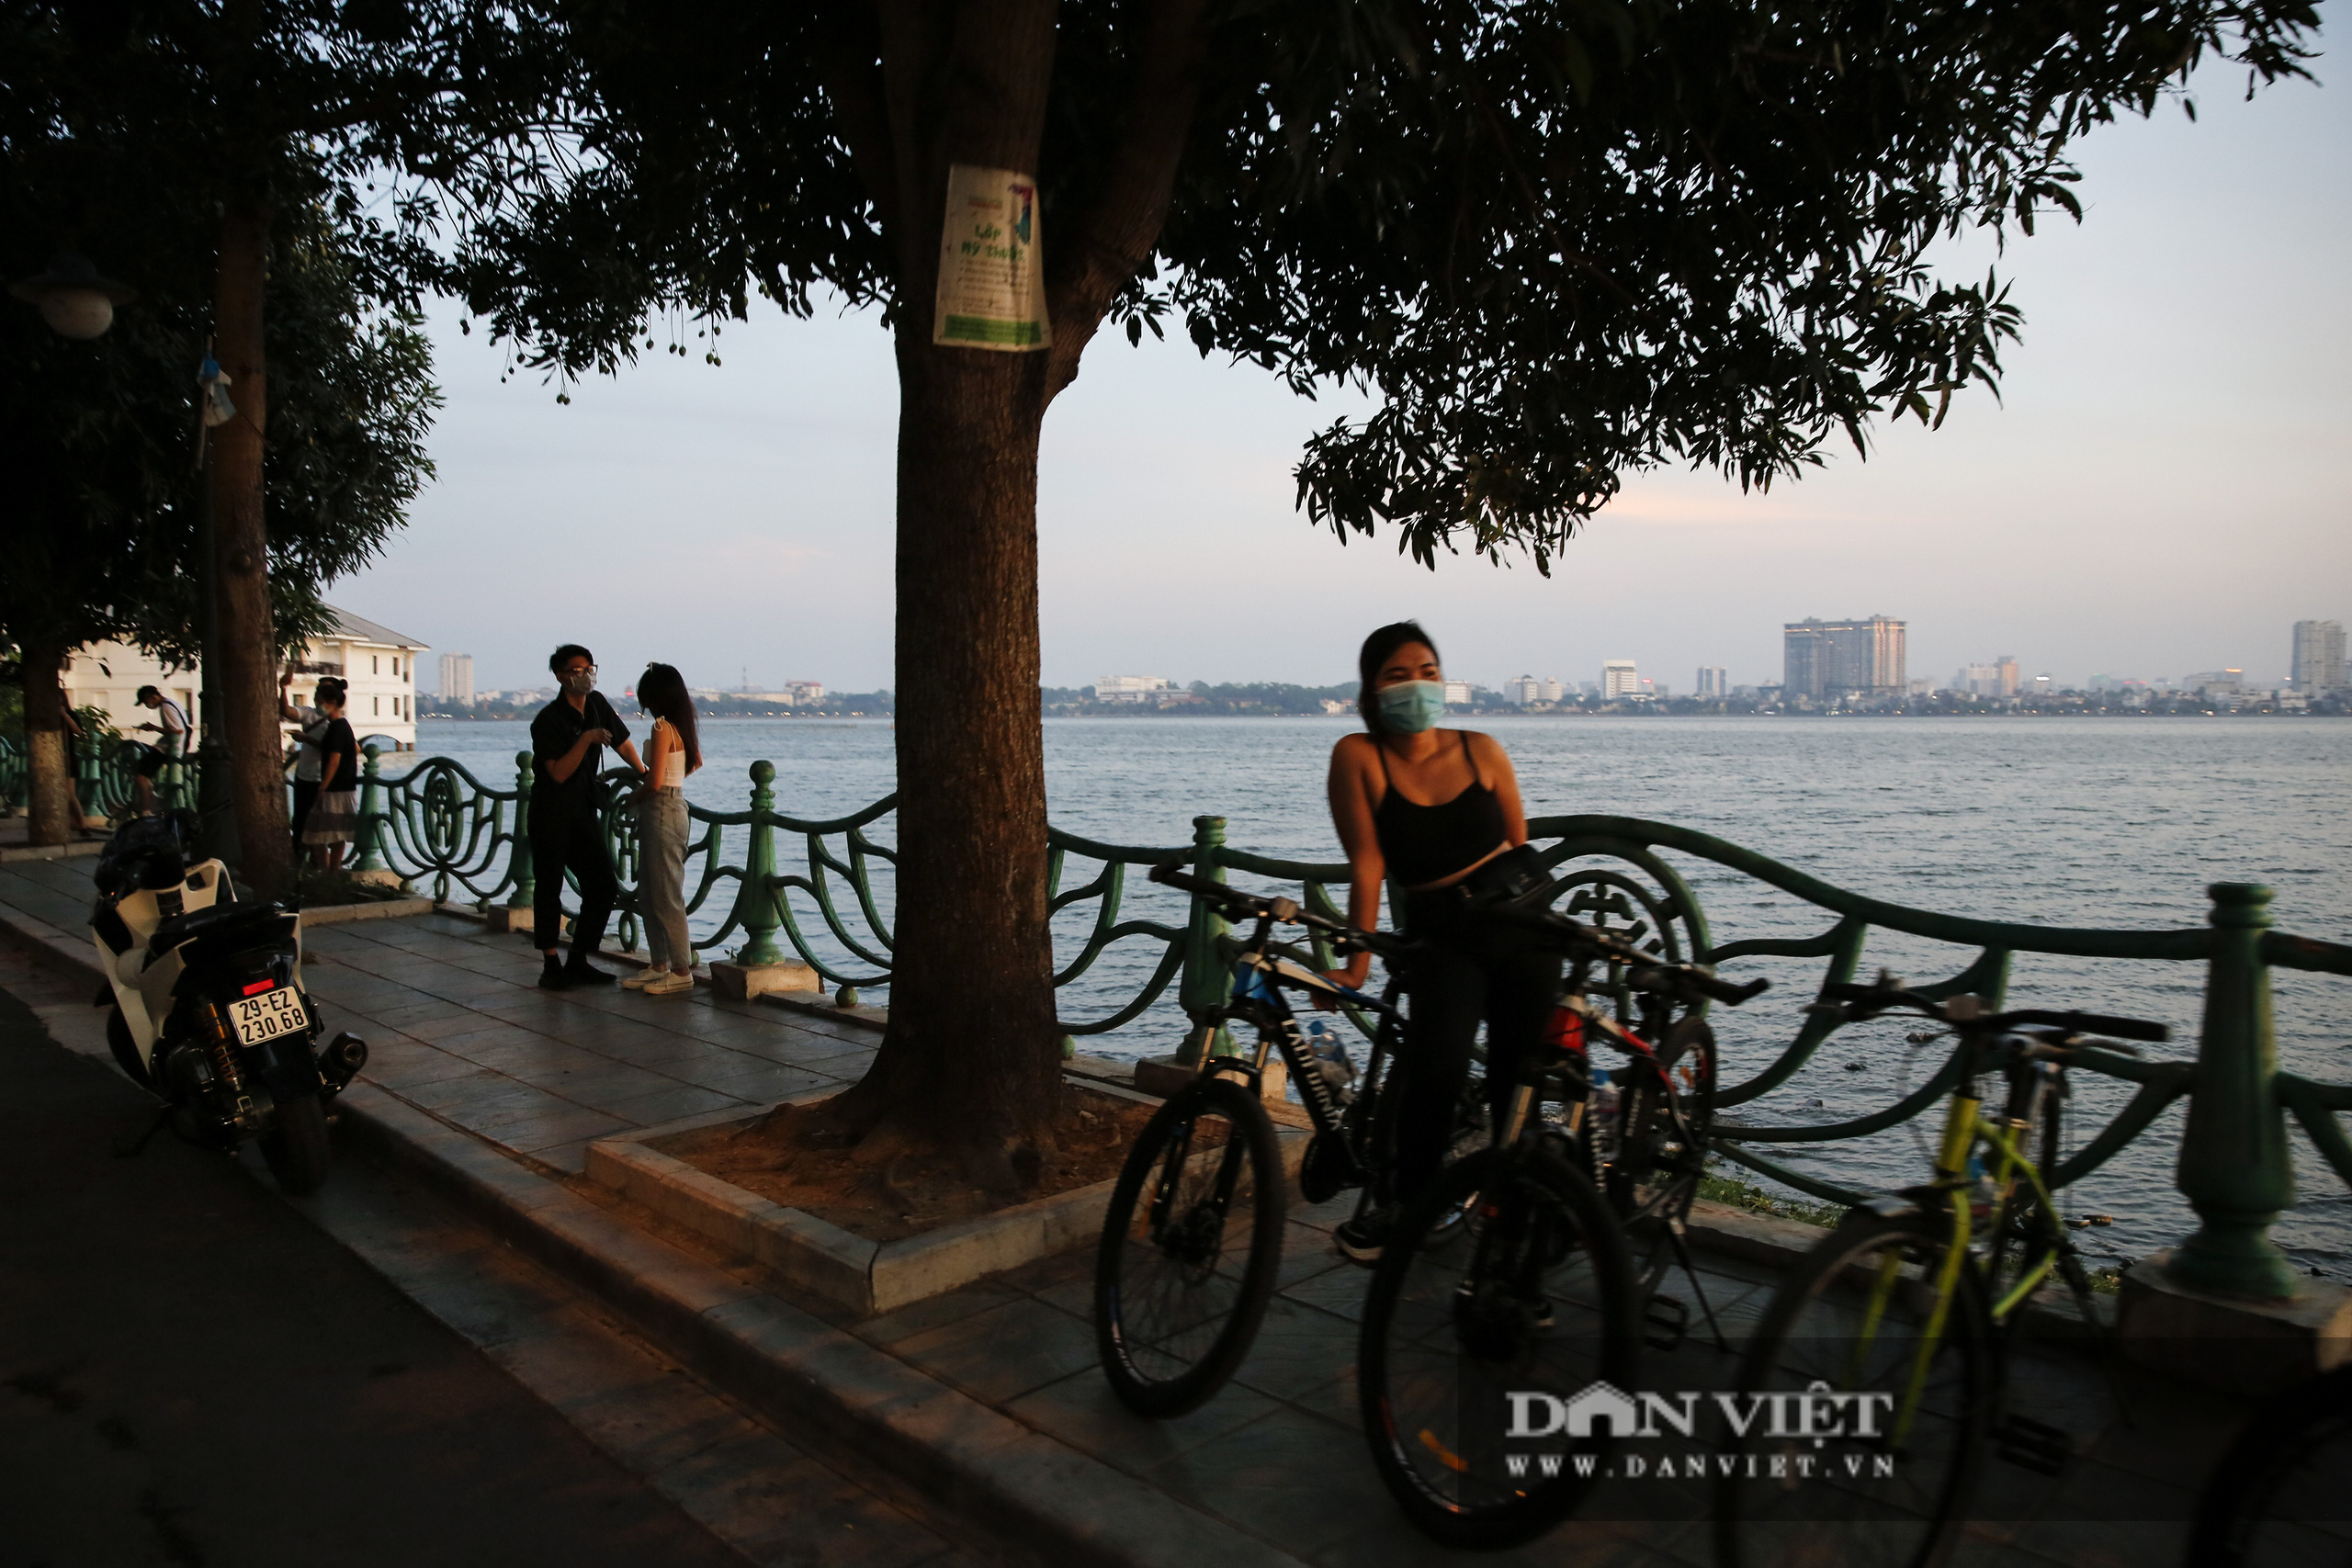 Công an lập chốt chặn, hồ Tây vẫn đông nghịt người đạp xe, tập thể dục - Ảnh 8.